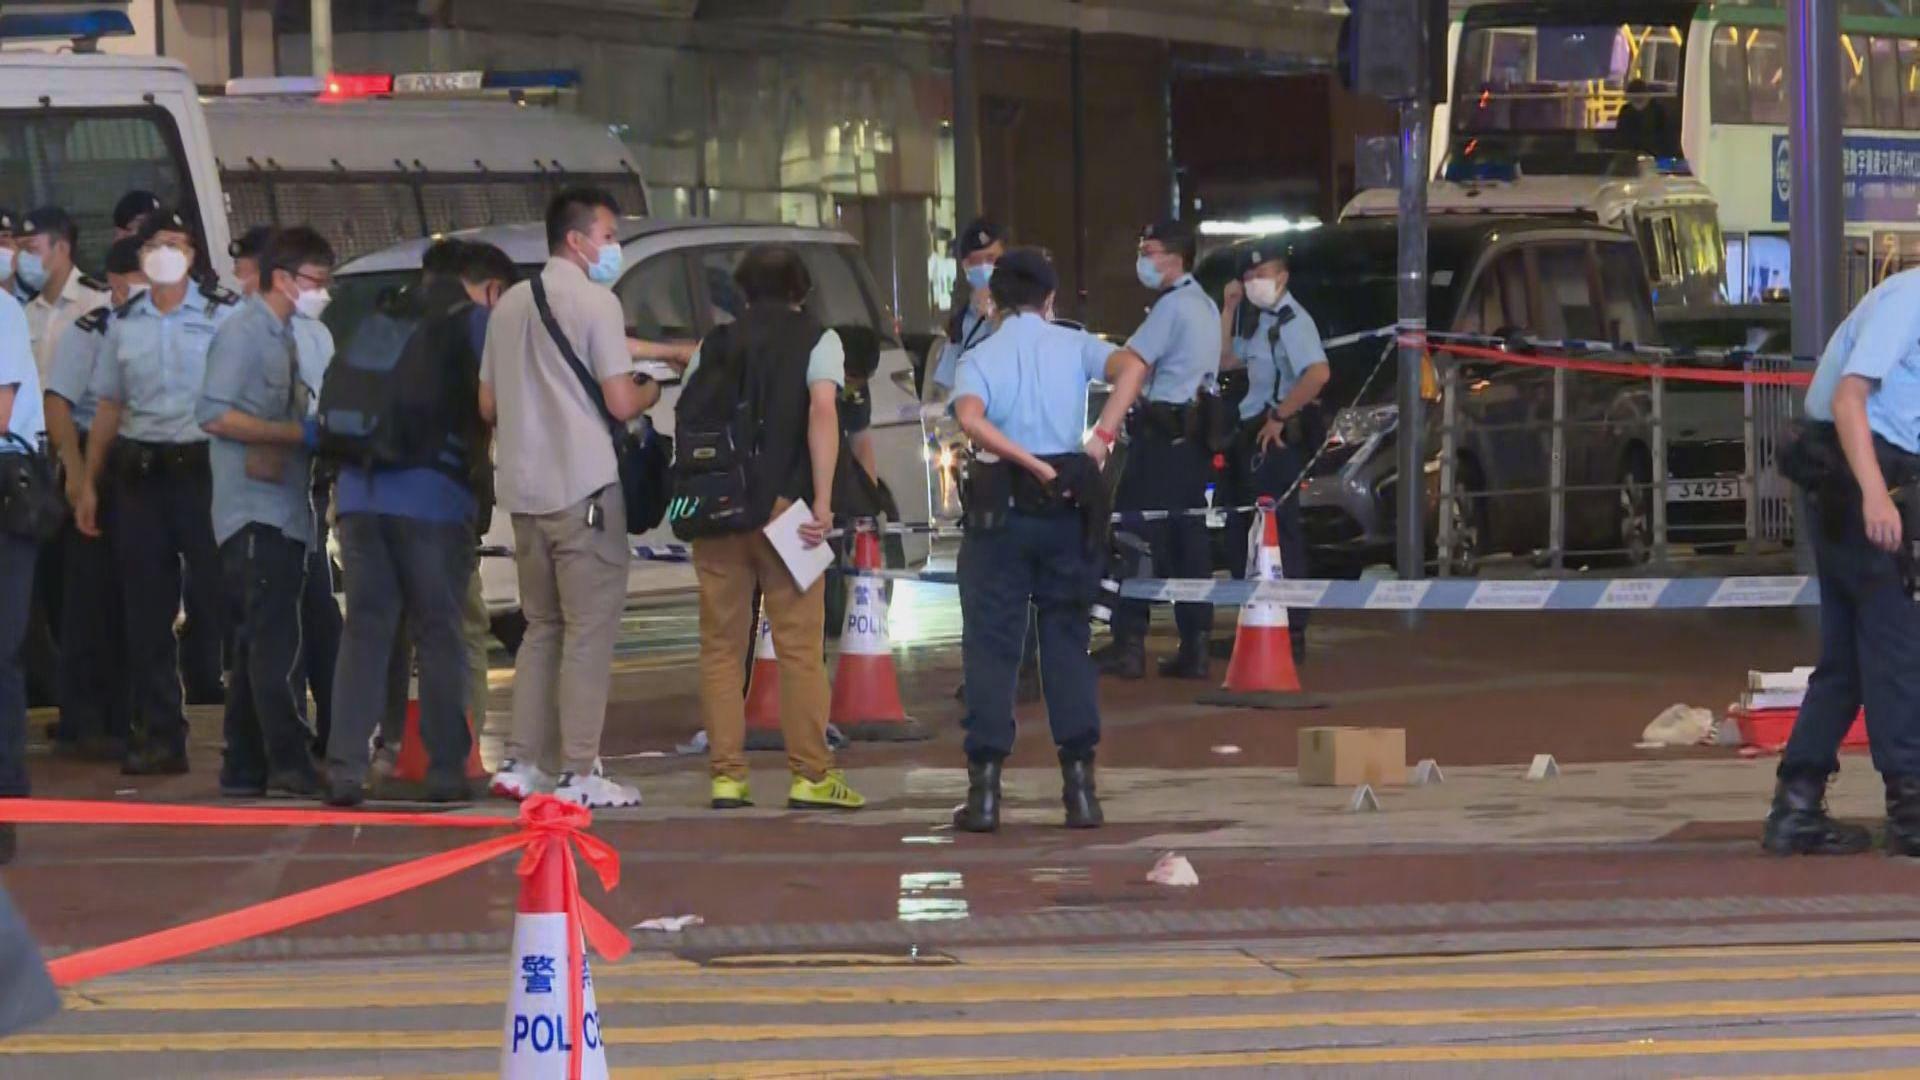 一警員銅鑼灣被刀襲擊 警方封鎖東角道一帶地氈式搜索